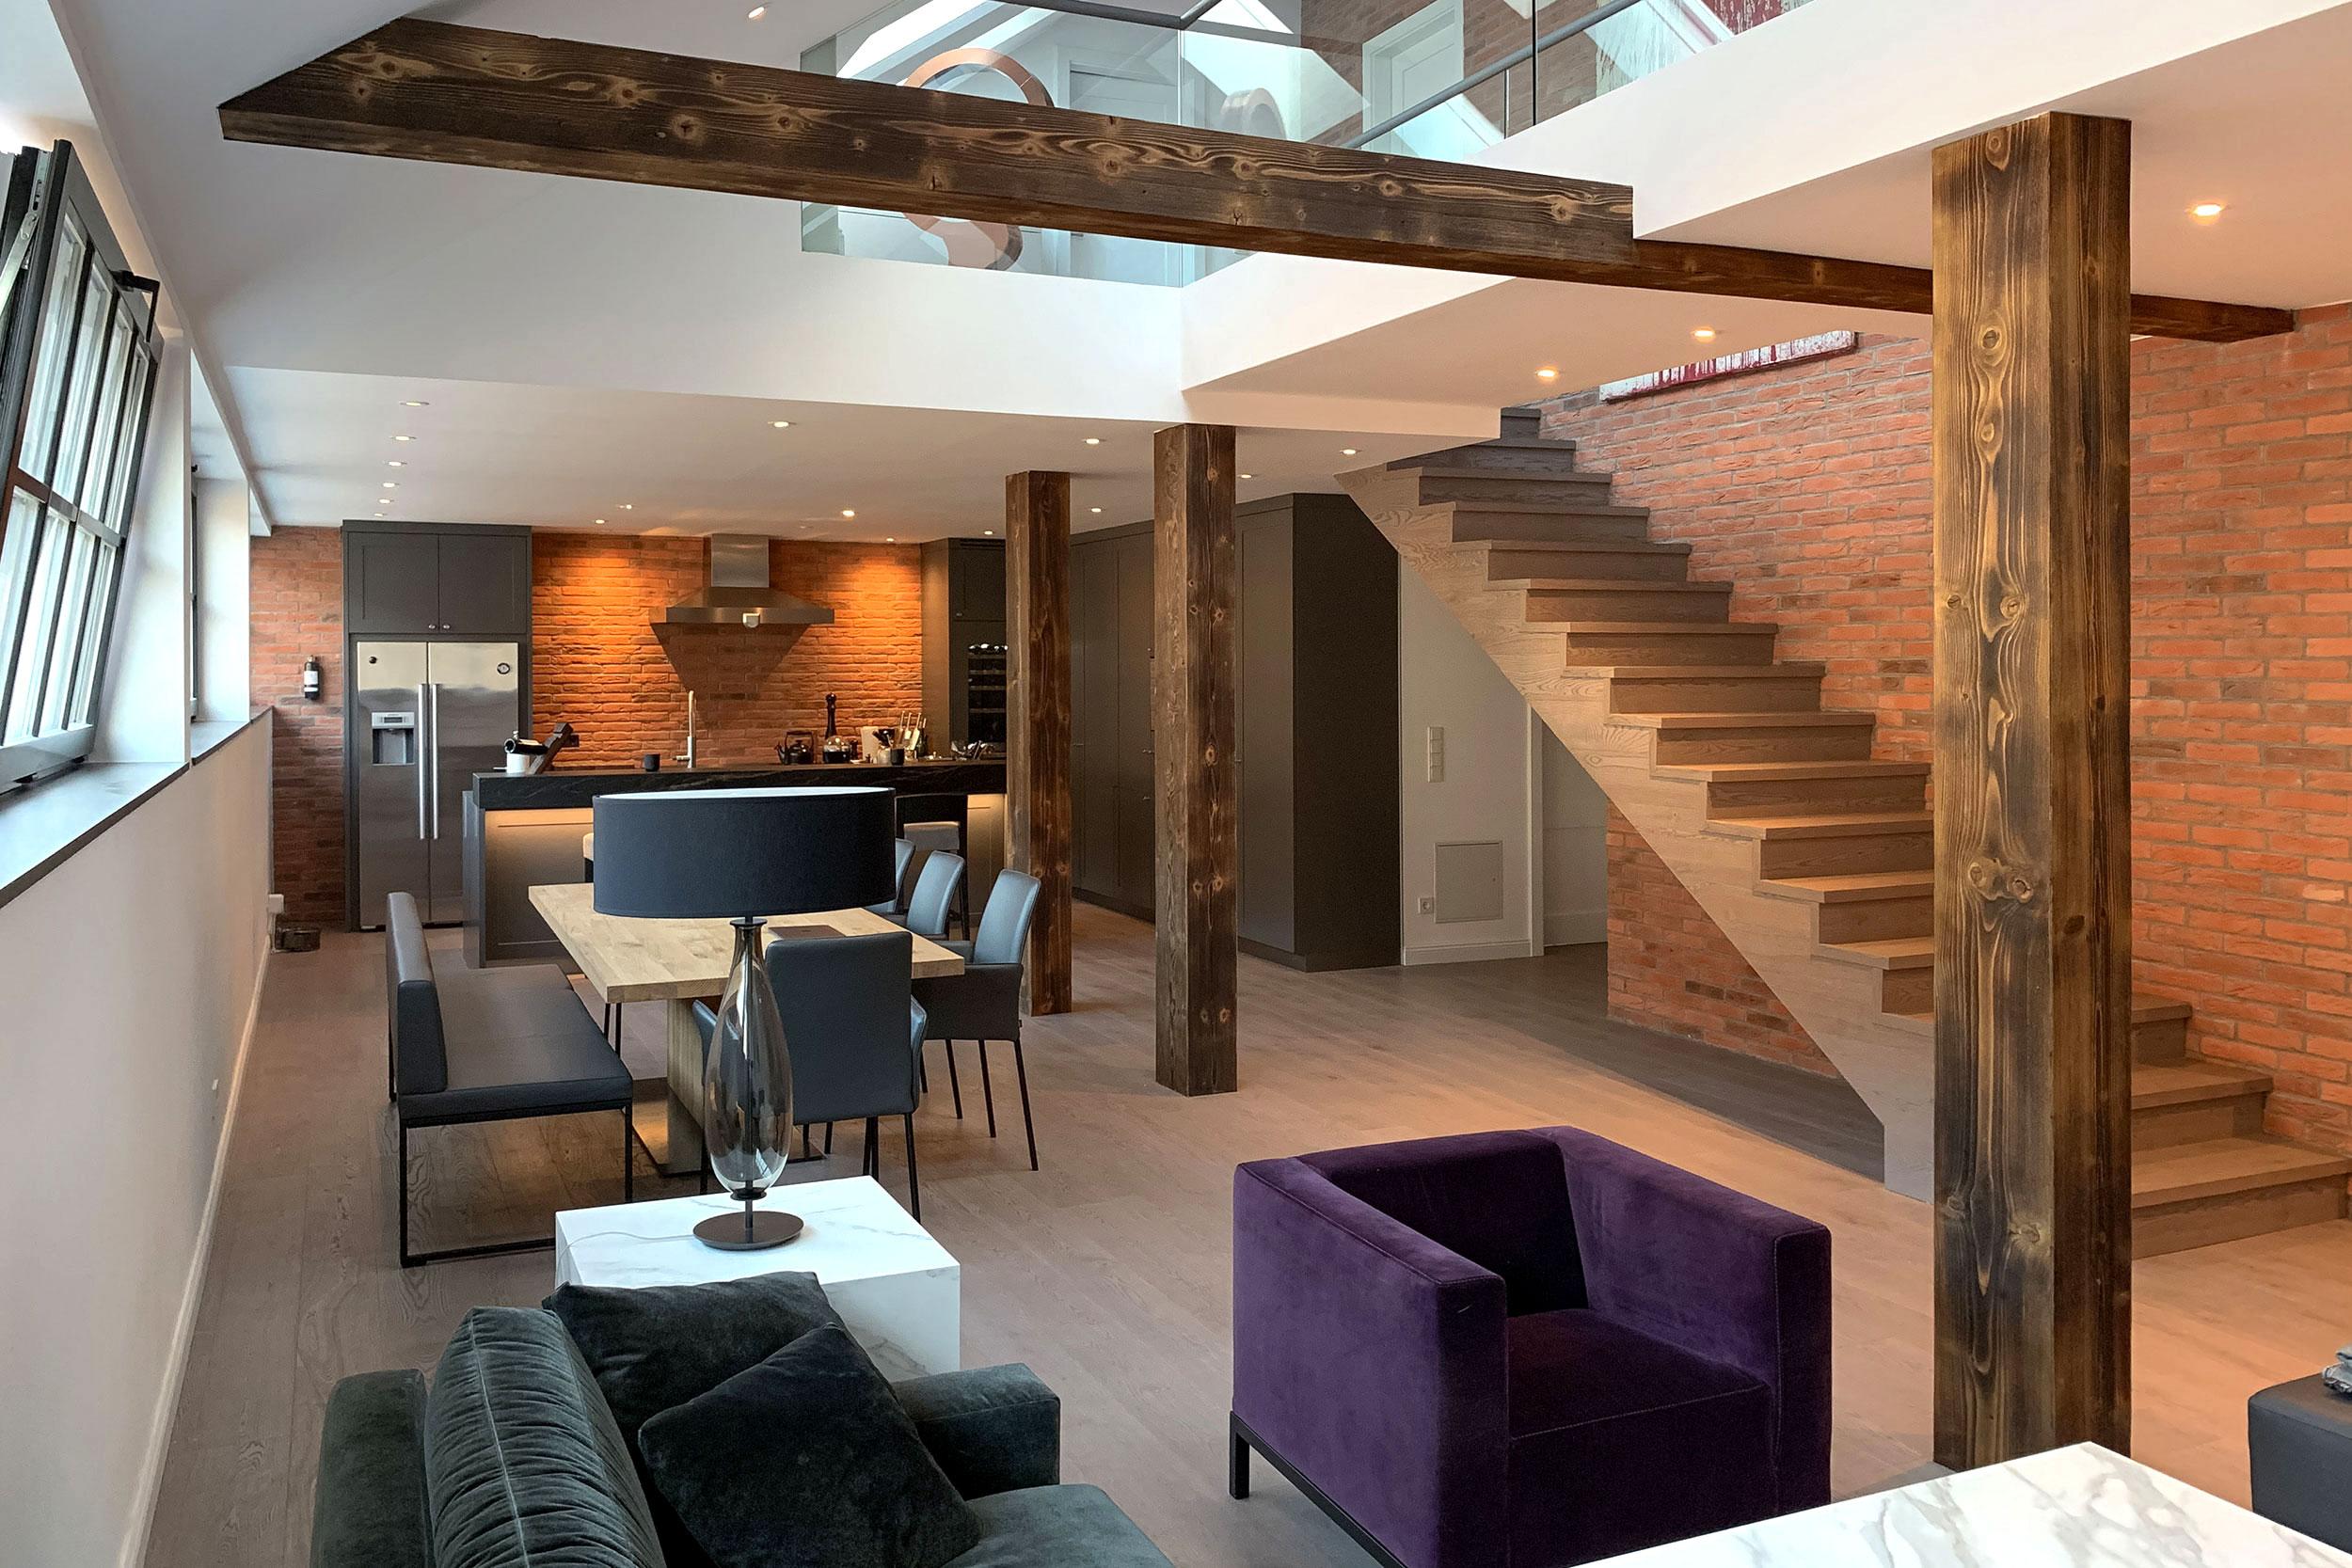 Ladenstein Wohnkonzepte Wohnzimmer Küche Essbereich Designmöbel